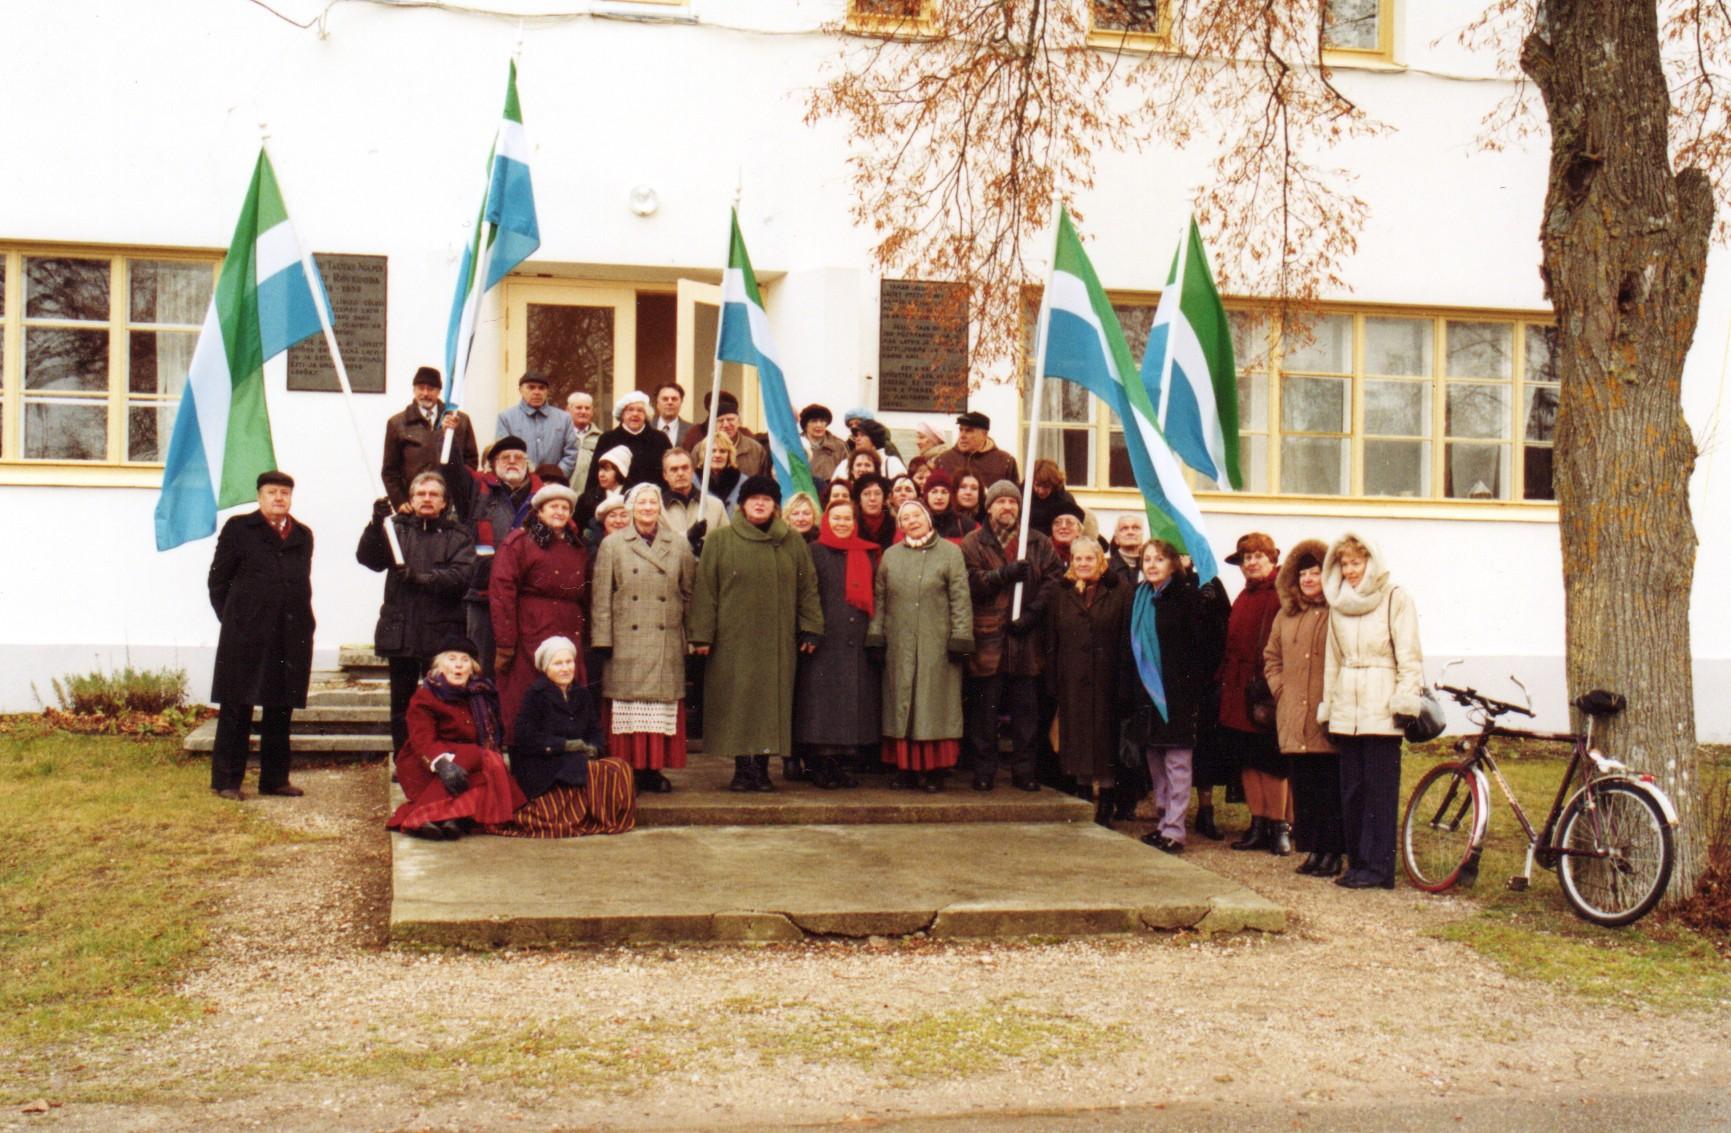 Lībiešu karoga svētkos Mazirbē 2003. gada 18. novembrī. Svētku dalībnieku...